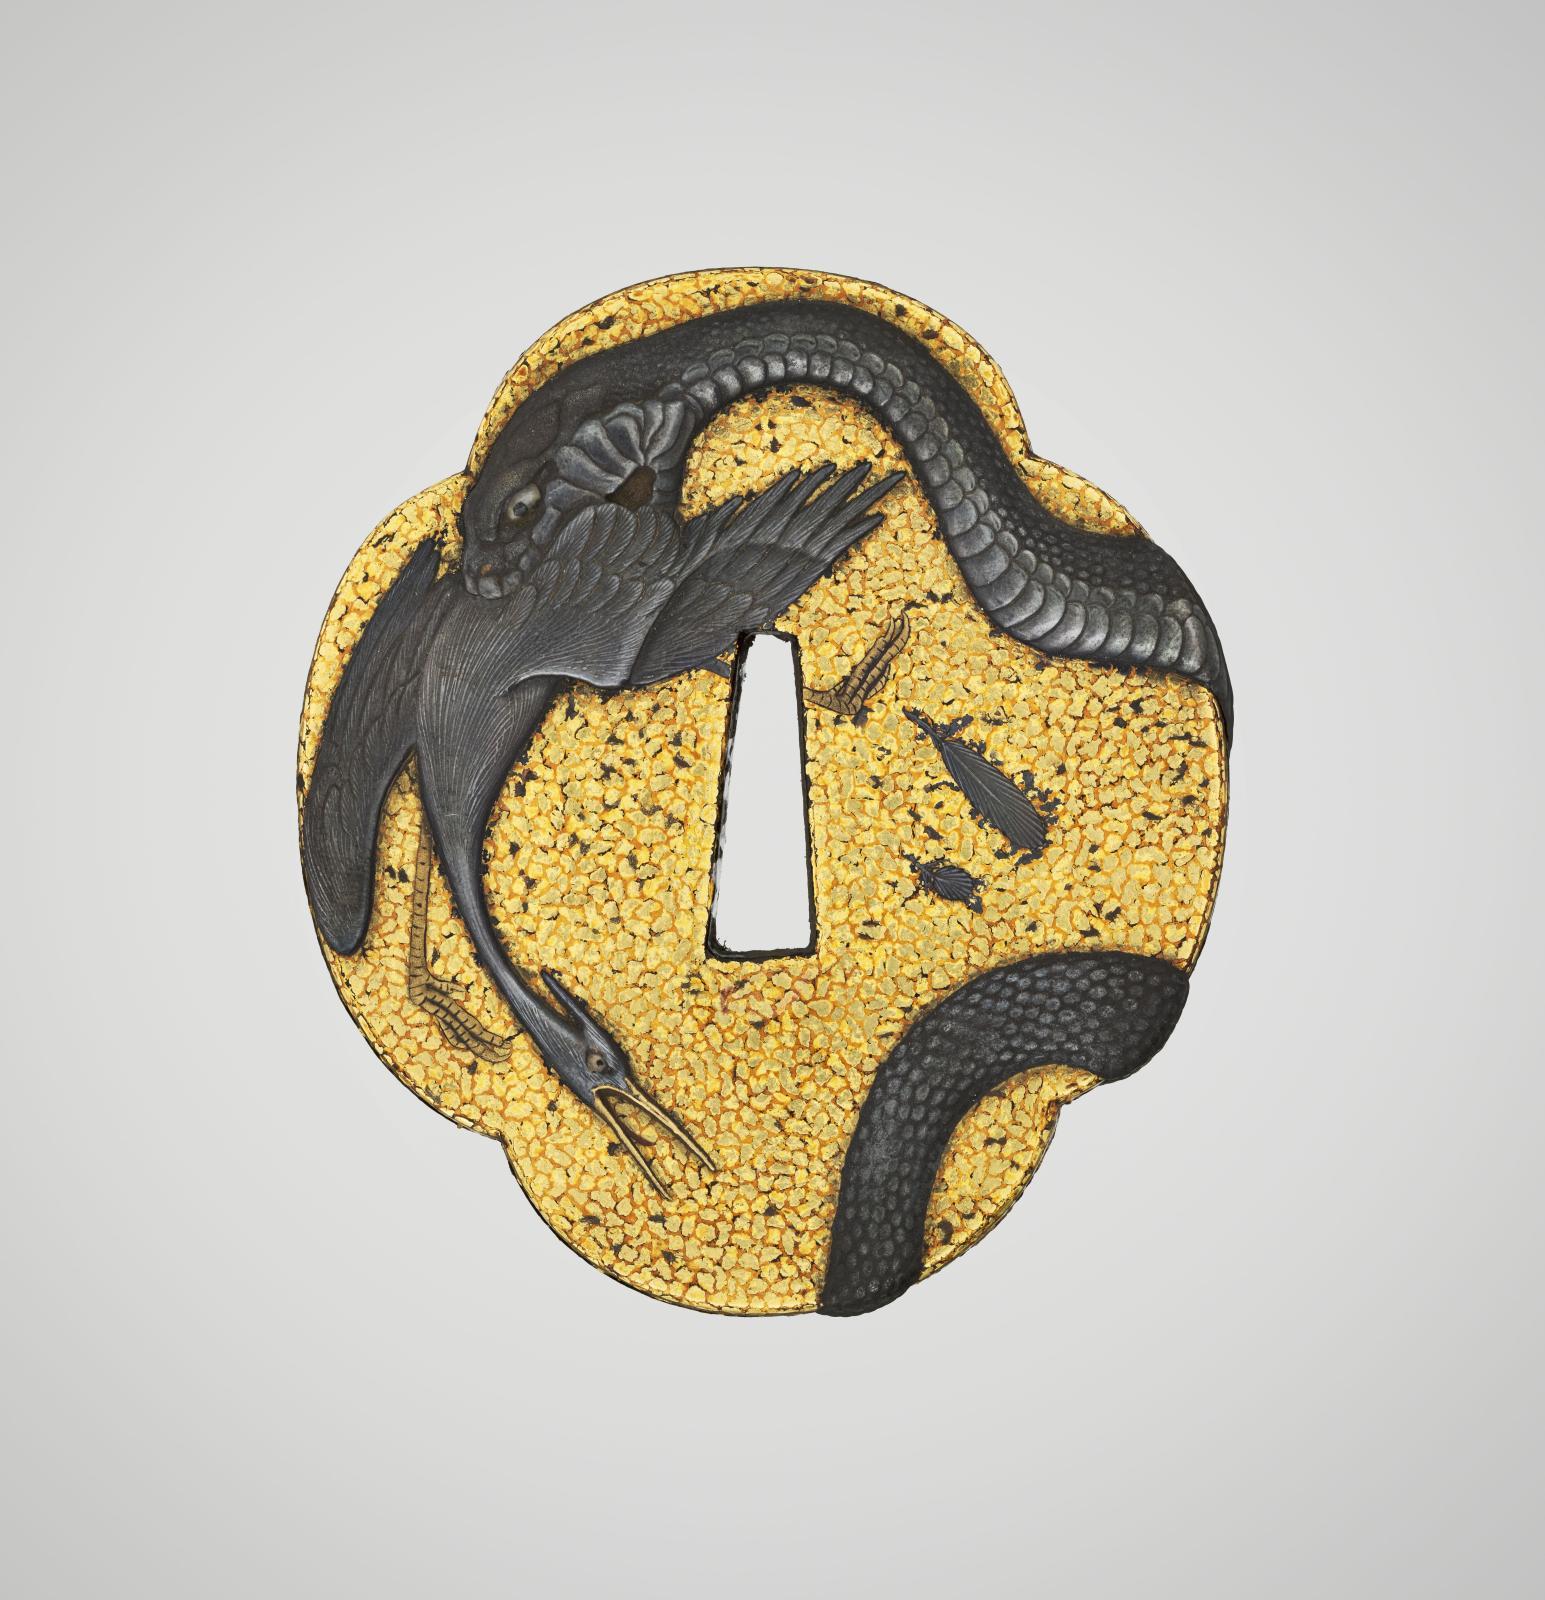 Garde de sabre (tsuba) à décor de serpent mordant une aigrette signée en laque maki-e d'or, Mizutani Shutoho, Japon, époque d'Edo, XVIIIesiècle, laqu